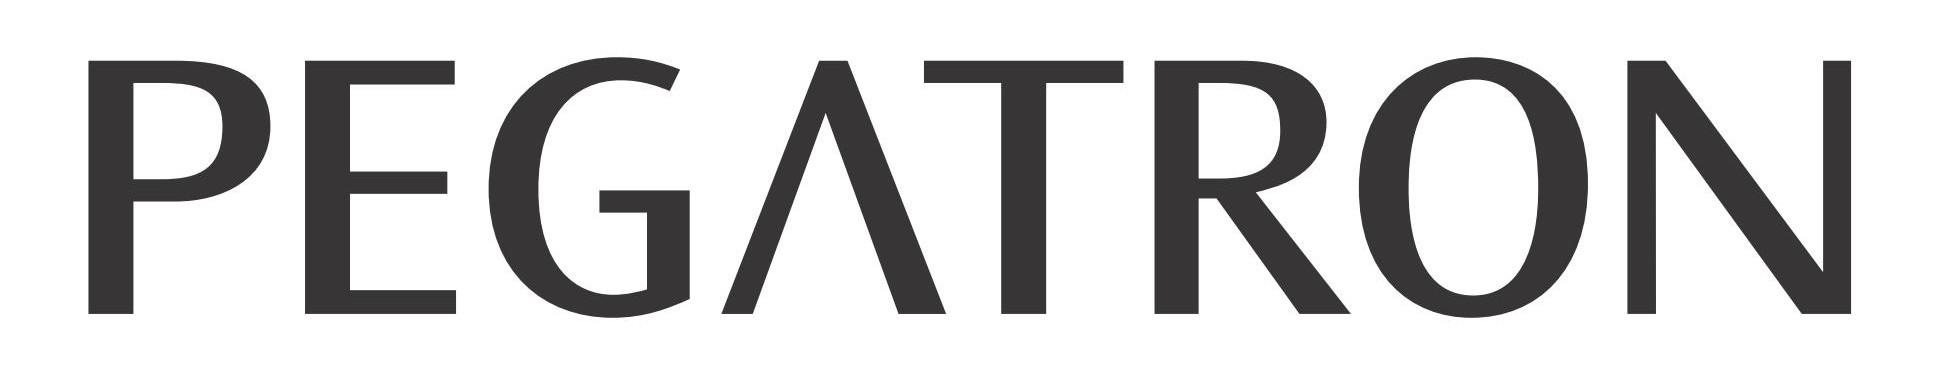 Pegatron Logo png